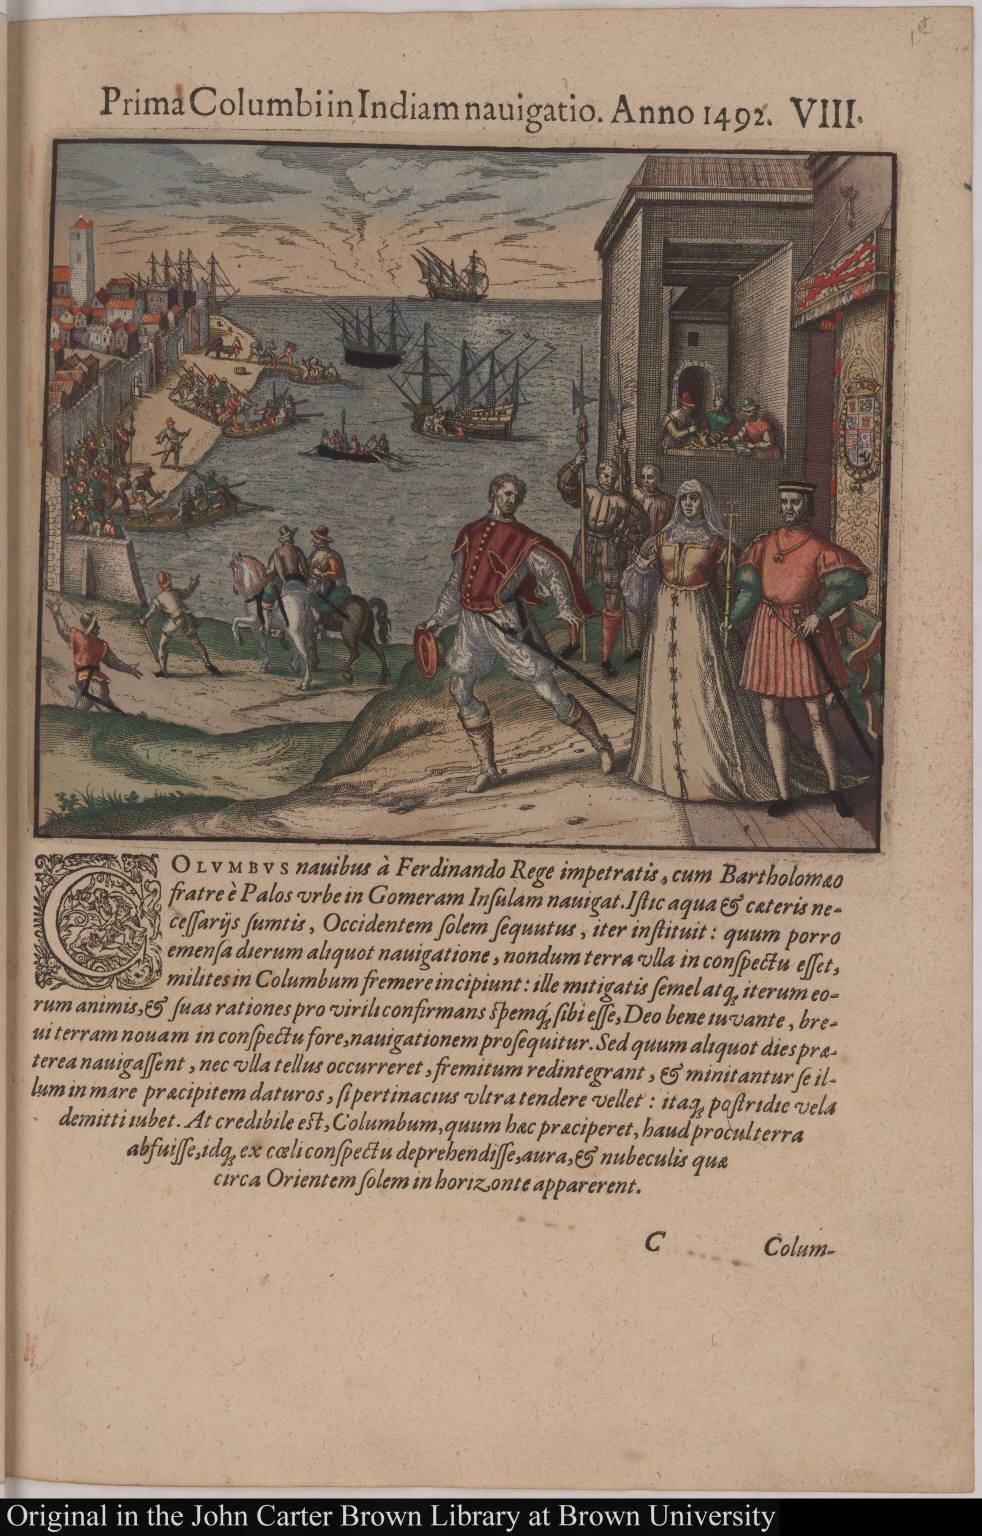 Prima Columbi in Indiam navigatio. Anno 1492.